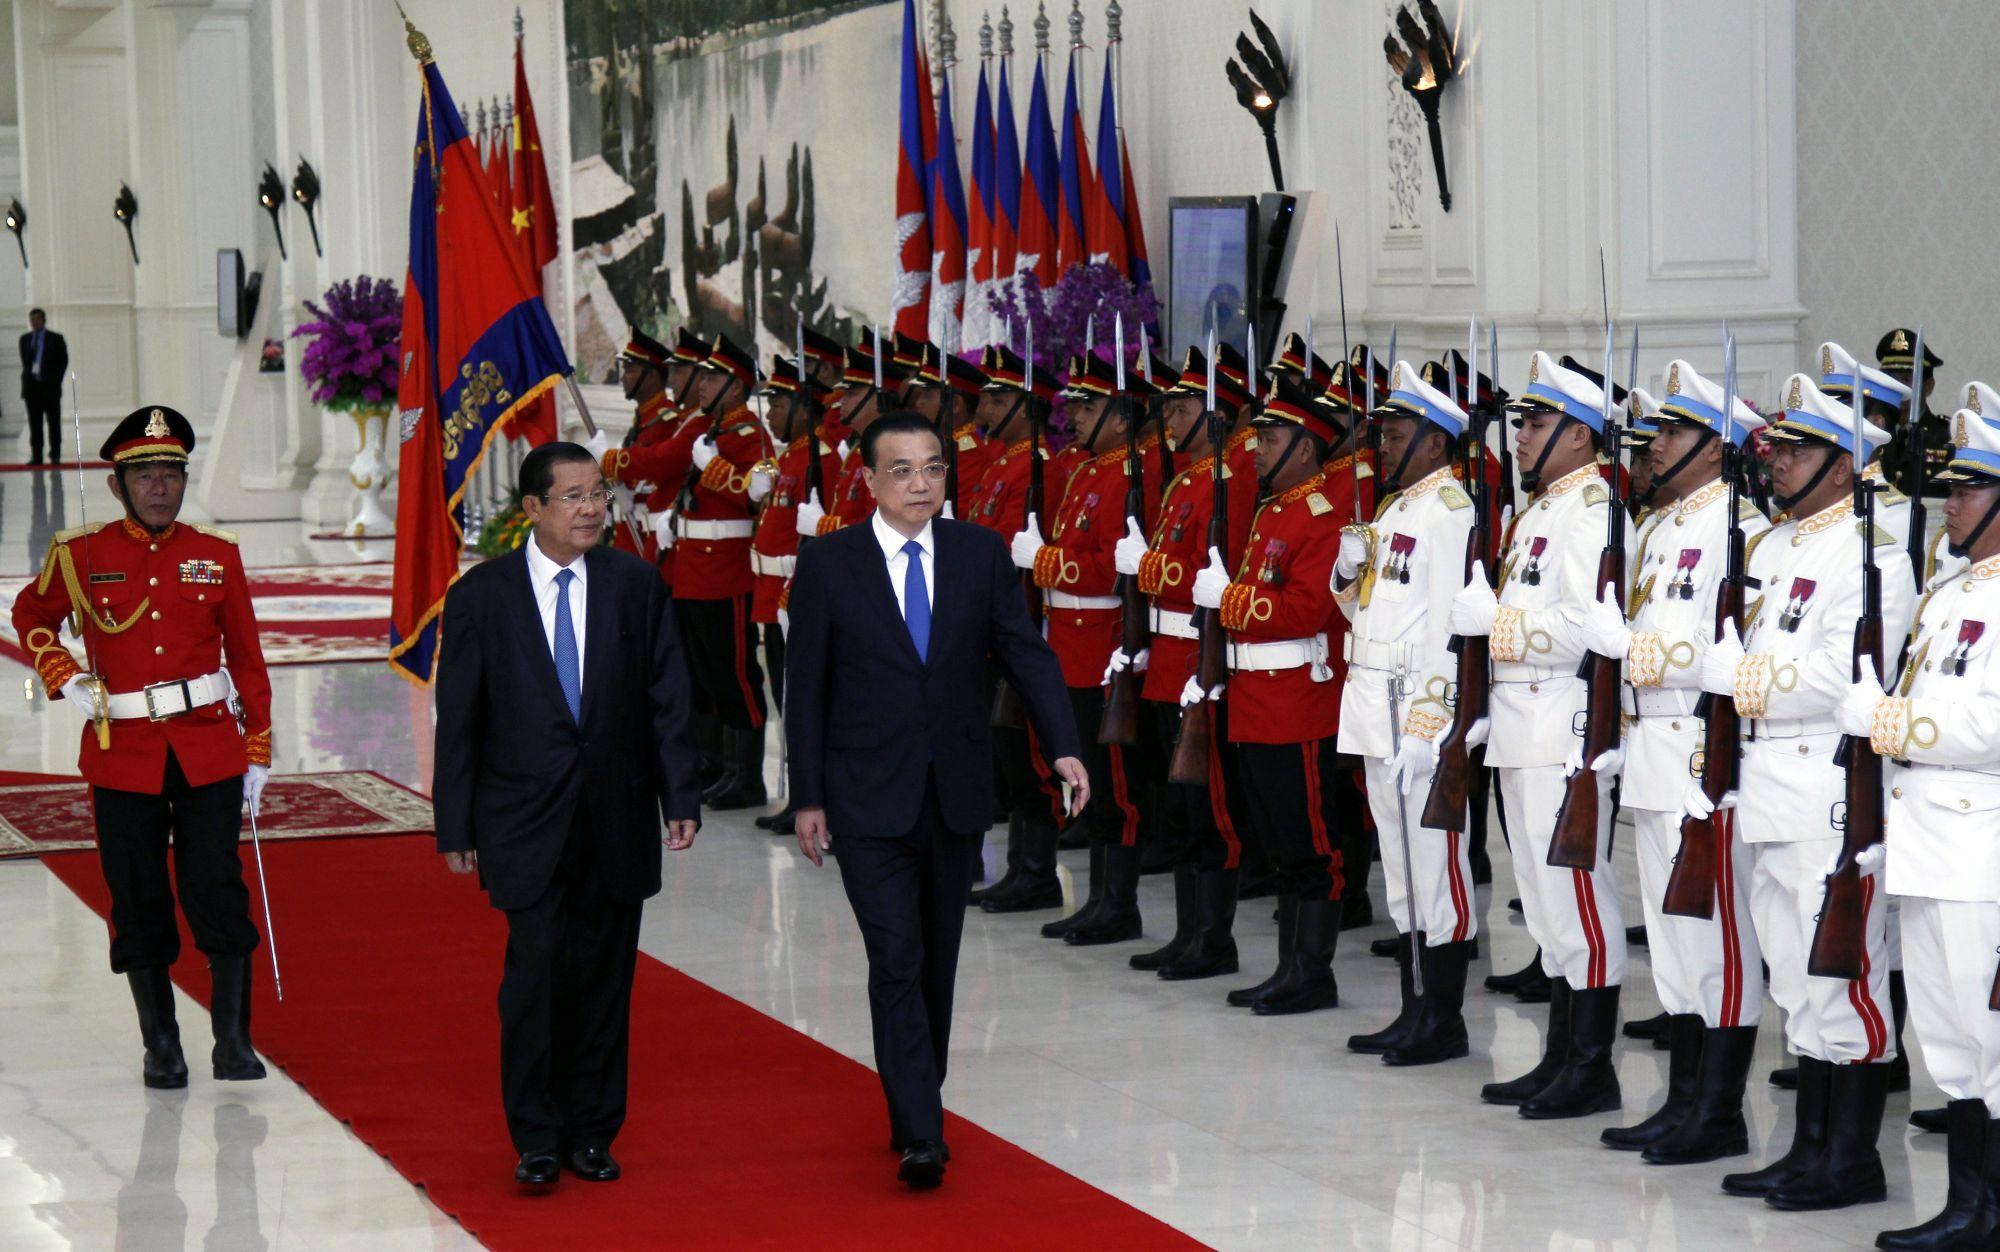 A kínai miniszterlnök Li Keqiang a kambodzsai miniszterelnök, Hun Sen társaságában a Béke-palotában Phnom Penh-ben, Kambodzsában, 2018 január 11-én. Li Keqiang hivatalos látogatáson tartózkodik Kambodzsában, ahol a két ország együttműködéséról szóló dokumentumokat írnak alá. EPA/MAK REMISSA